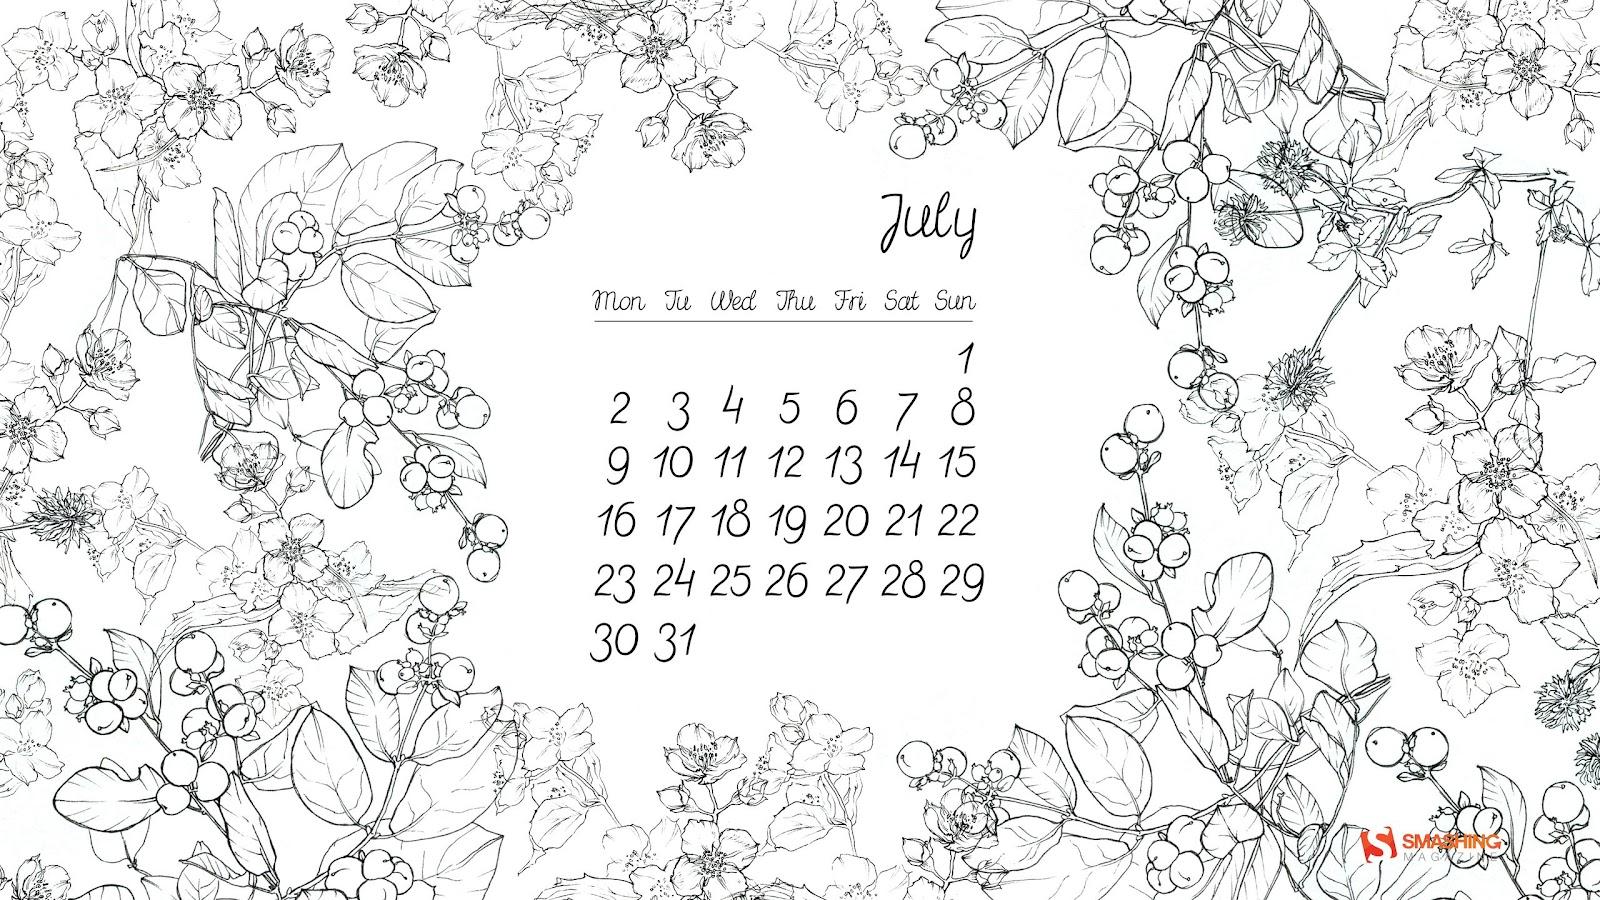 http://3.bp.blogspot.com/-a6jZr1e6Ags/T_HFESL-4YI/AAAAAAAACYA/2t8rlBn1dzk/s1600/July+Floral+Desktop+Wallpaper+Smashing+Magazine.jpg